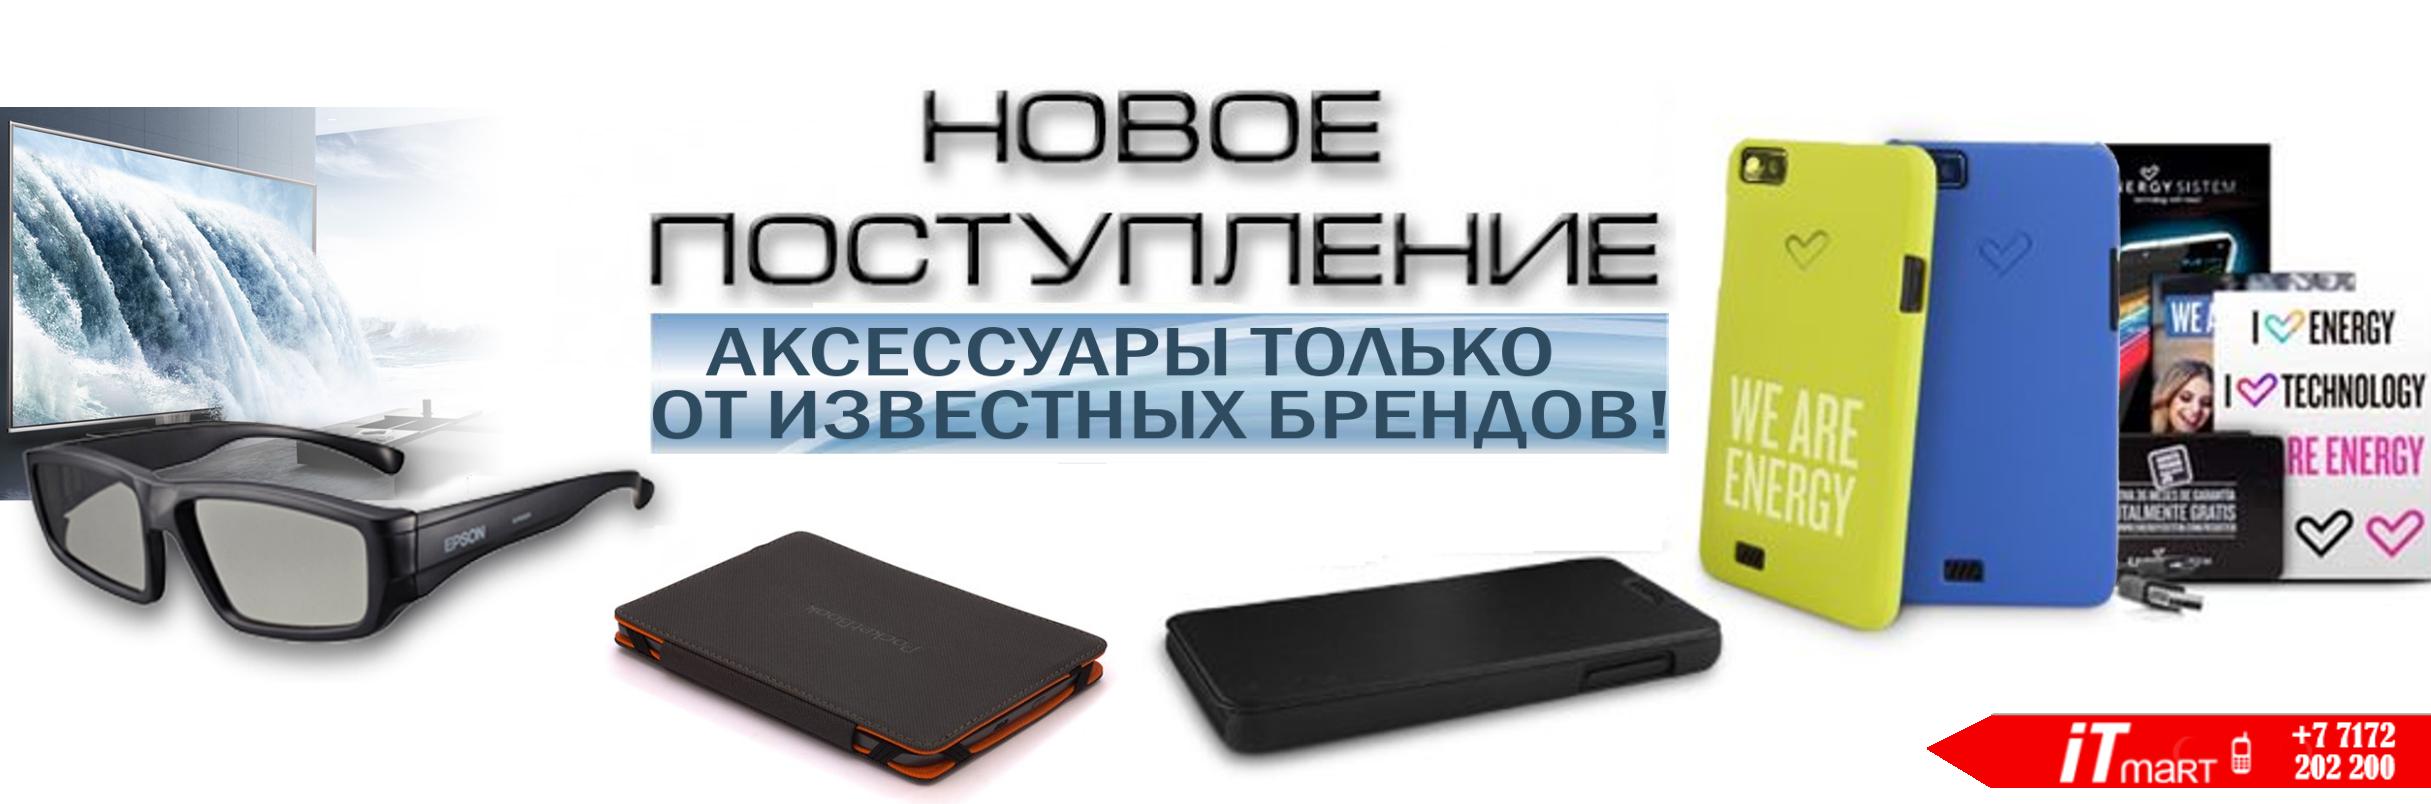 Новое поступление в интернет-магазин ITmart аксессуаров от ведущих мировых производителей!